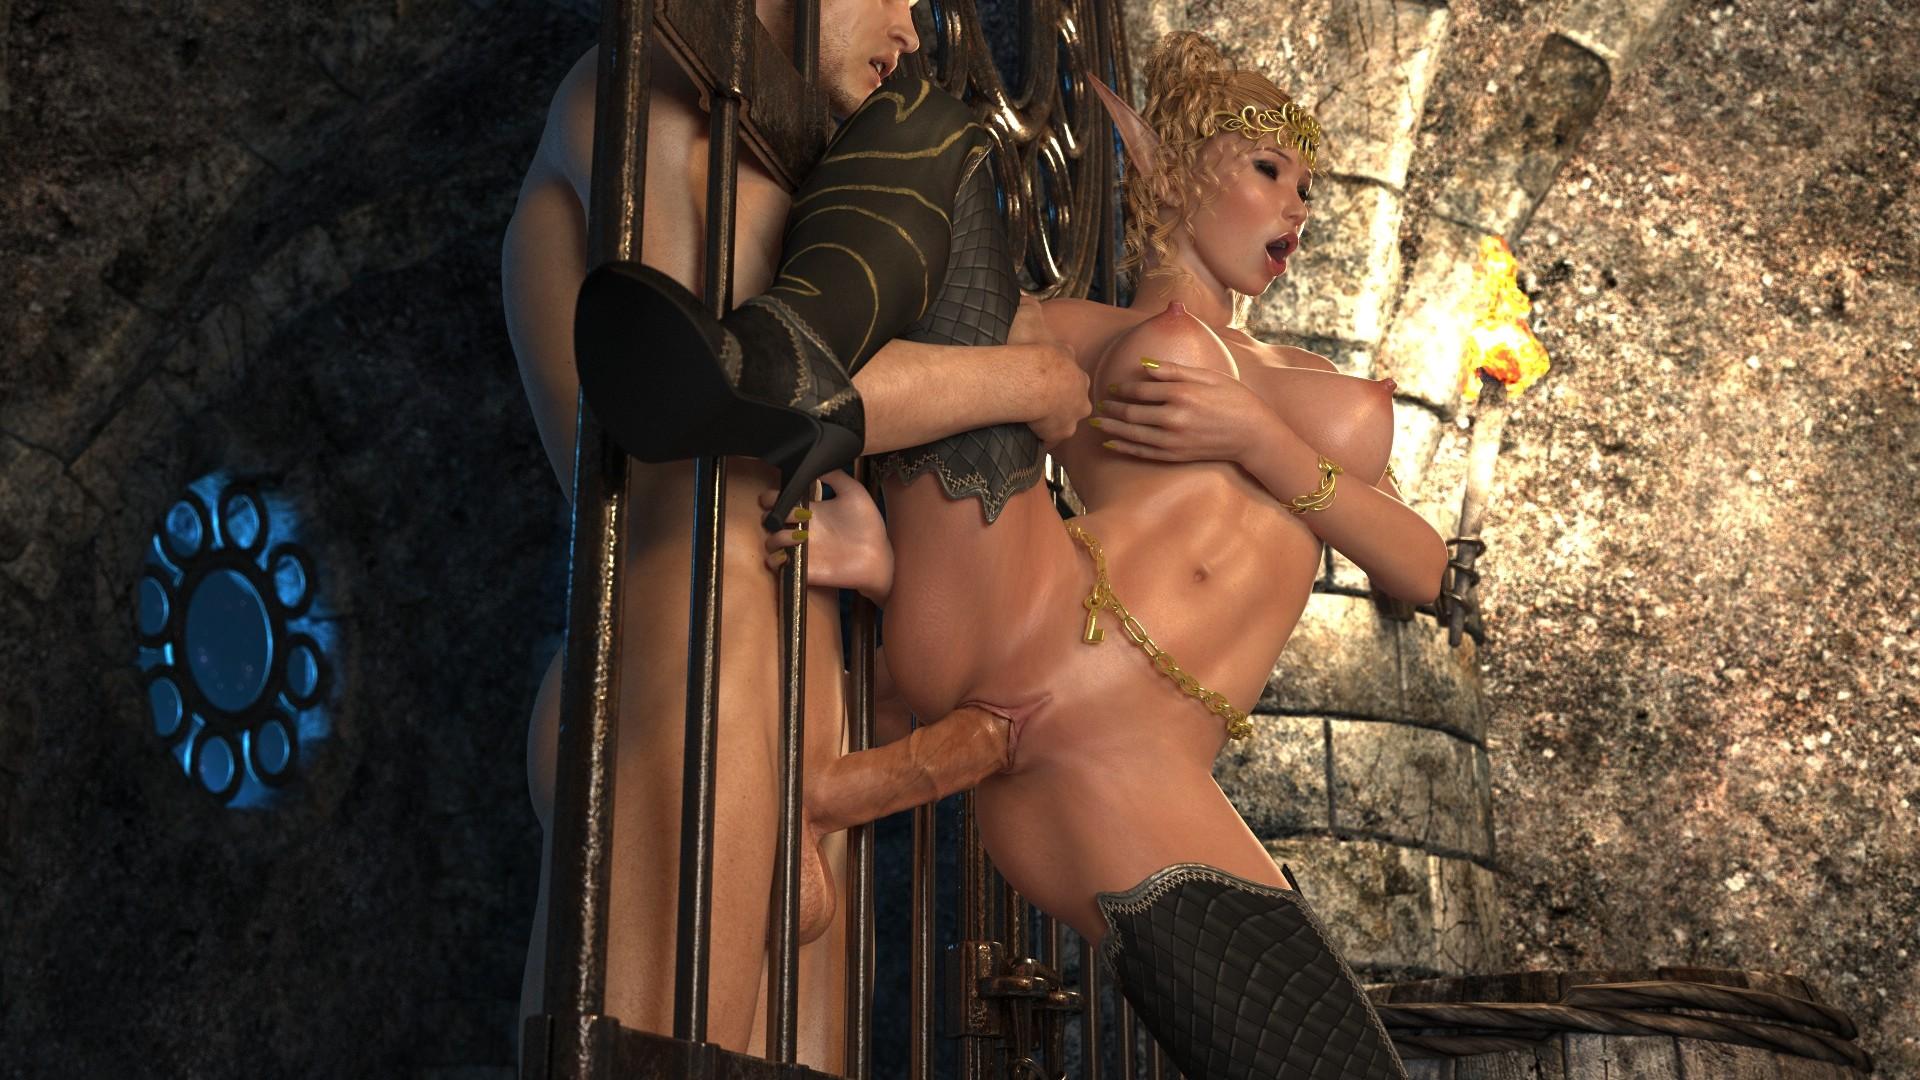 Онлайн порно в плену — img 14